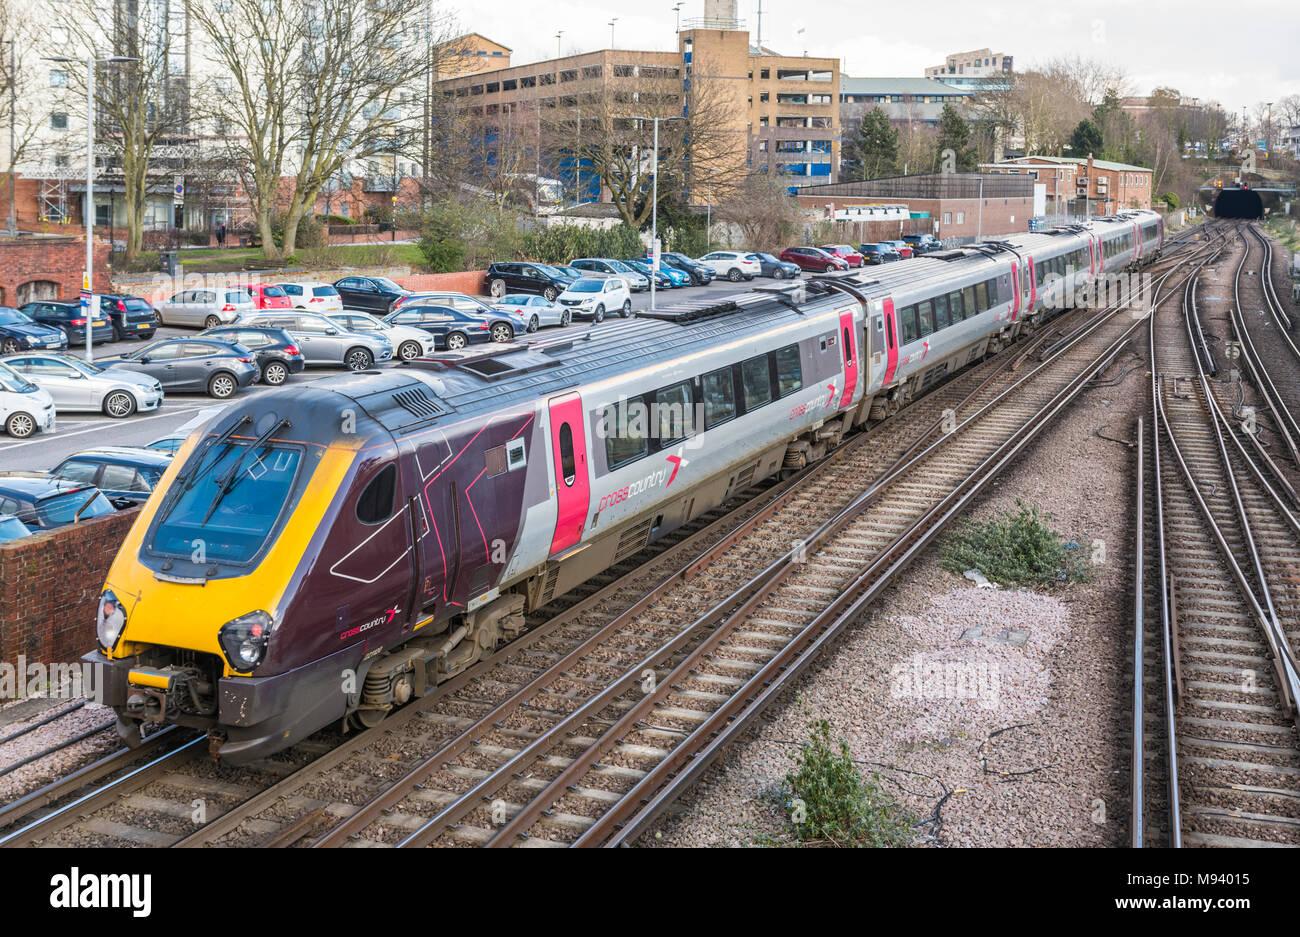 Cross Country (CrossCountry) 5 carrello Voyager treno su una ferrovia britannica di Southampton, Hampshire, Inghilterra, Regno Unito. Concetto di viaggio, Immagini Stock